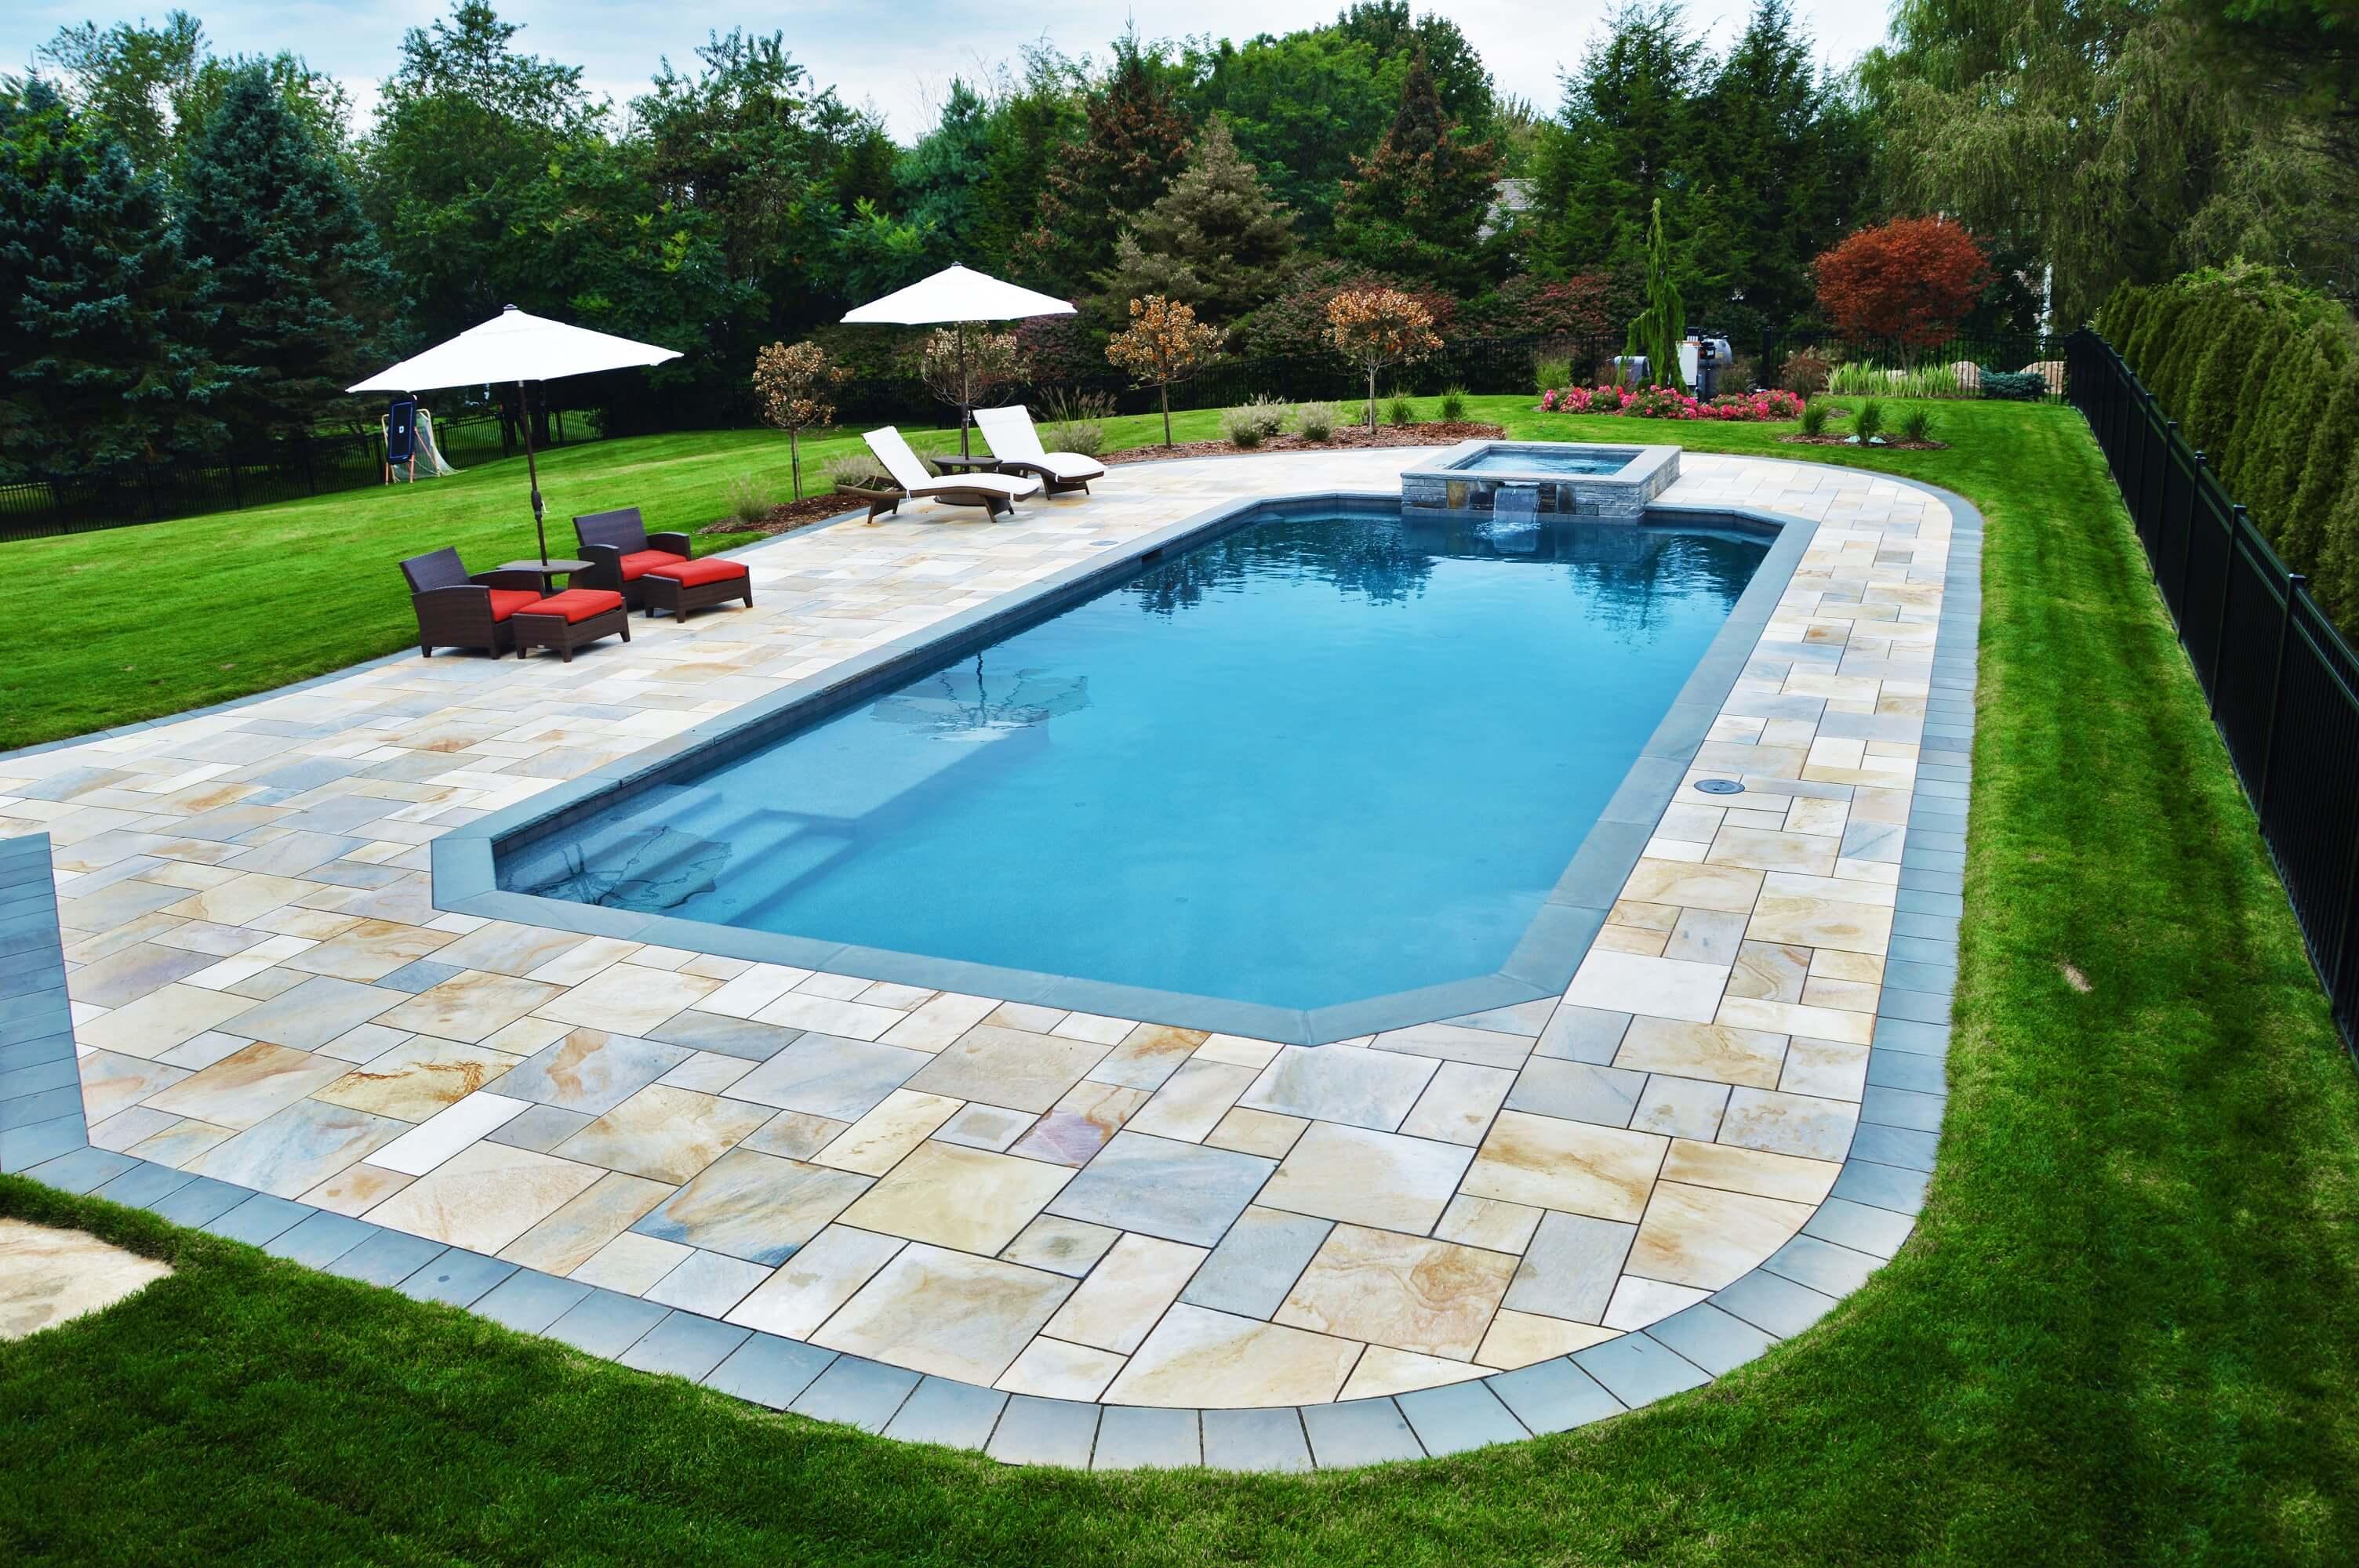 Pool Care Basics: Components